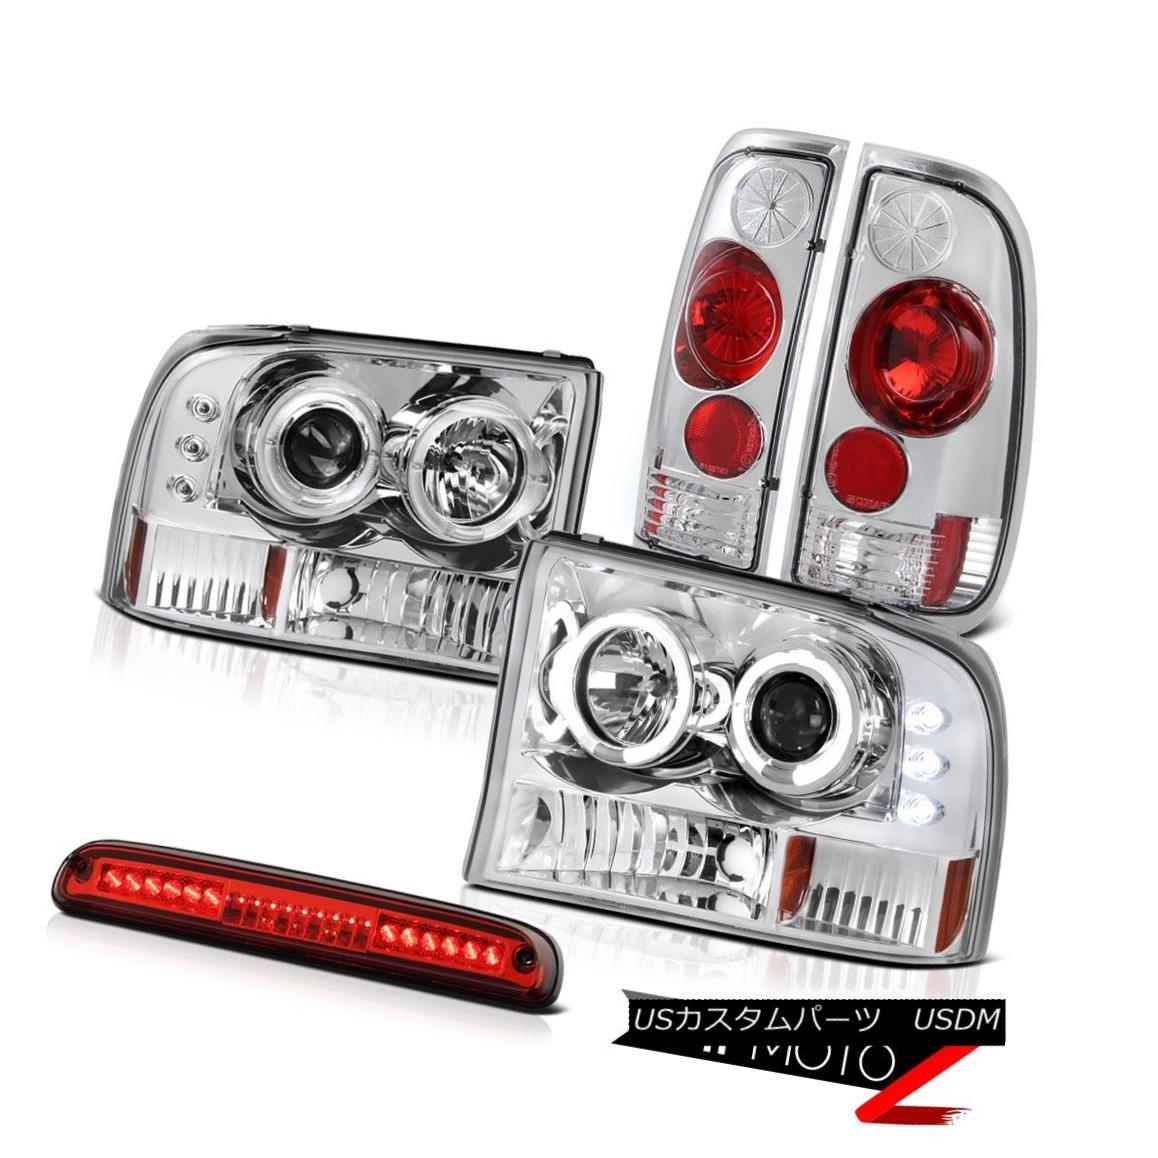 テールライト LED DRL Headlamps Rear Signal Lamps Third Brake Cargo 99 00 01 02 03 04 F250 LED DRLヘッドランプリアシグナルランプ第3ブレーキ貨物99 00 01 02 03 04 F250